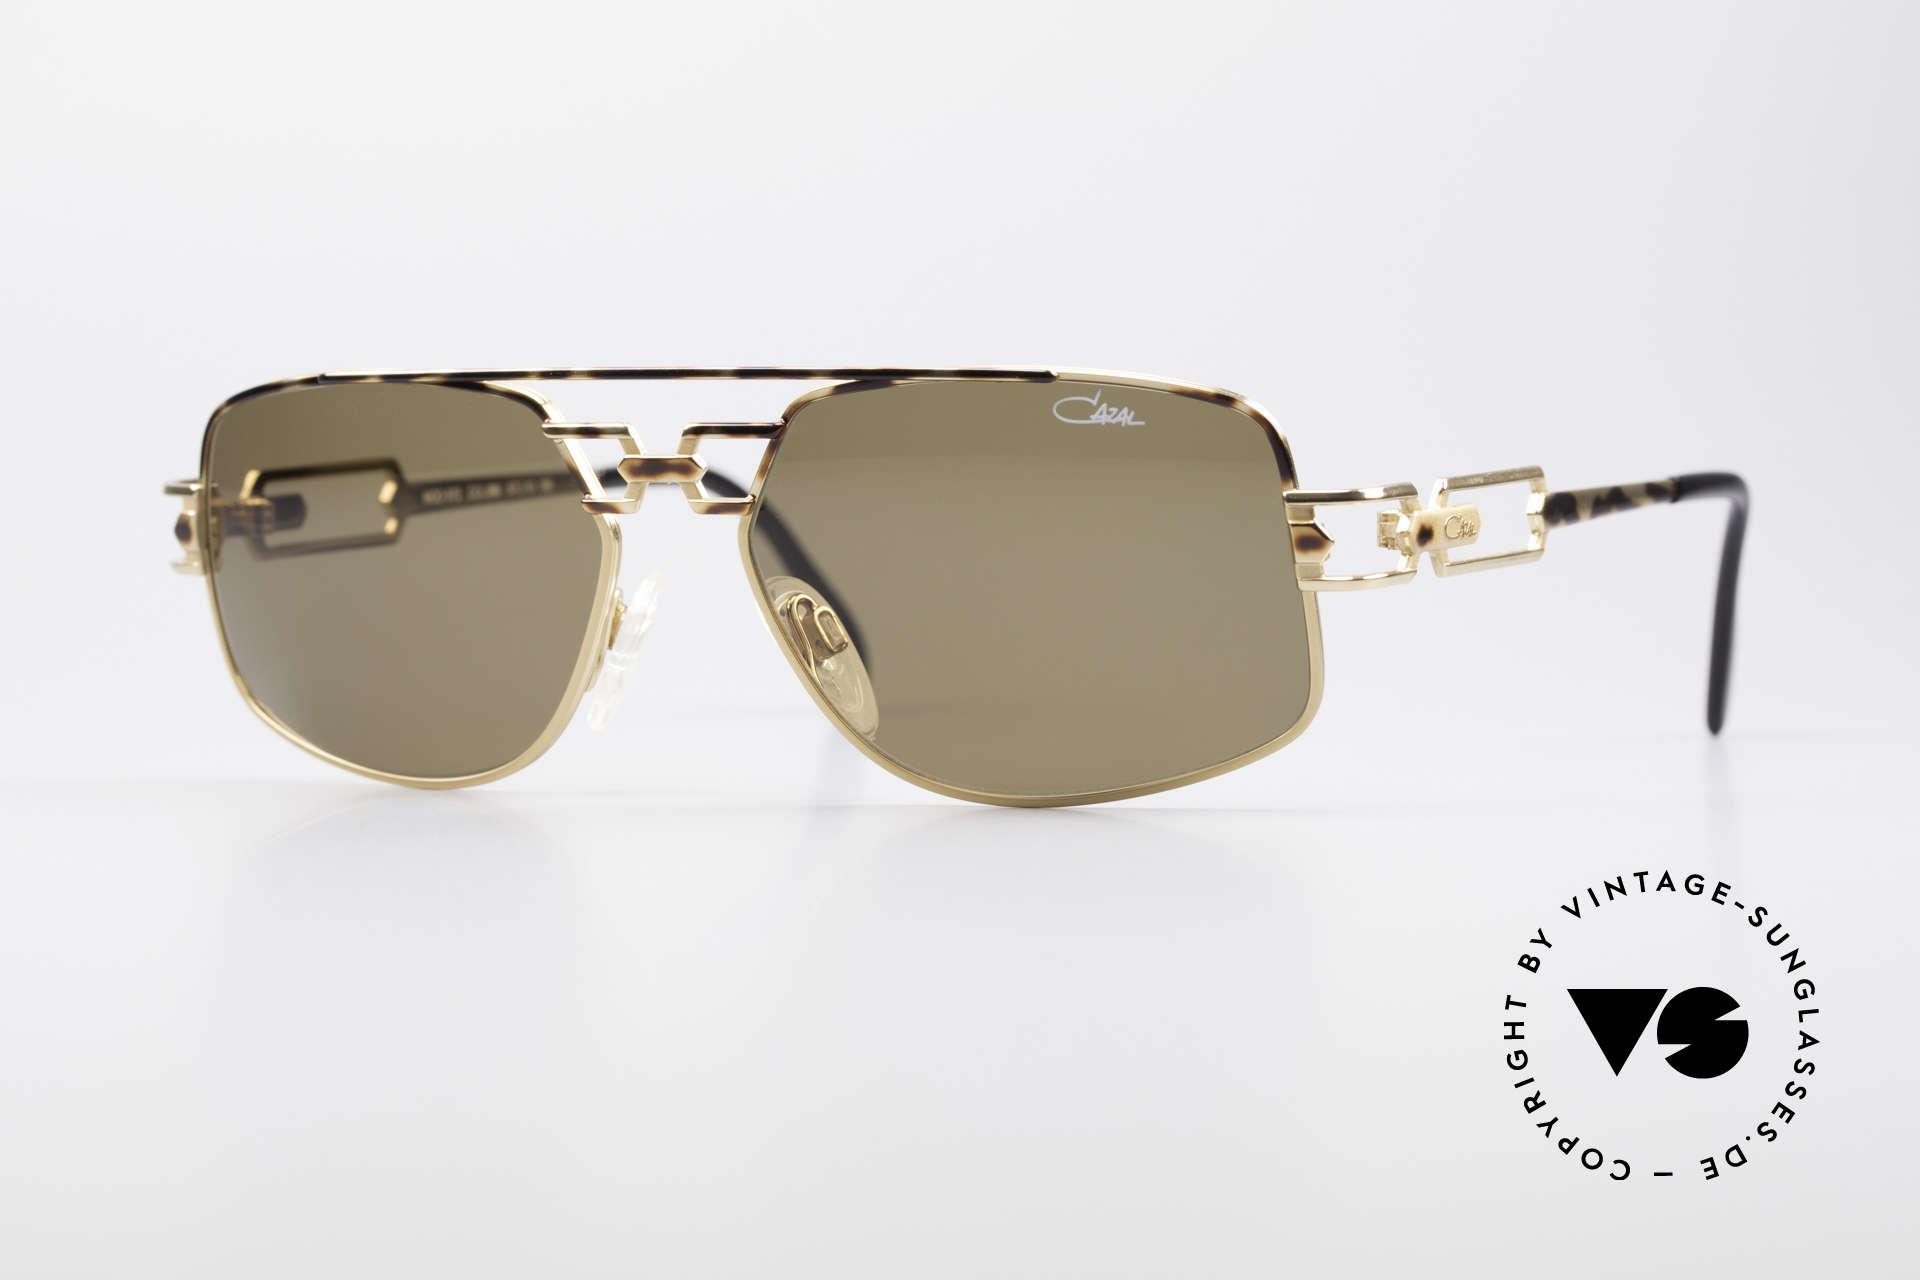 Cazal 972 Rare Designer Sunglasses 90's, original 1990's CAZAL designer sunglasses; true vintage!, Made for Men and Women